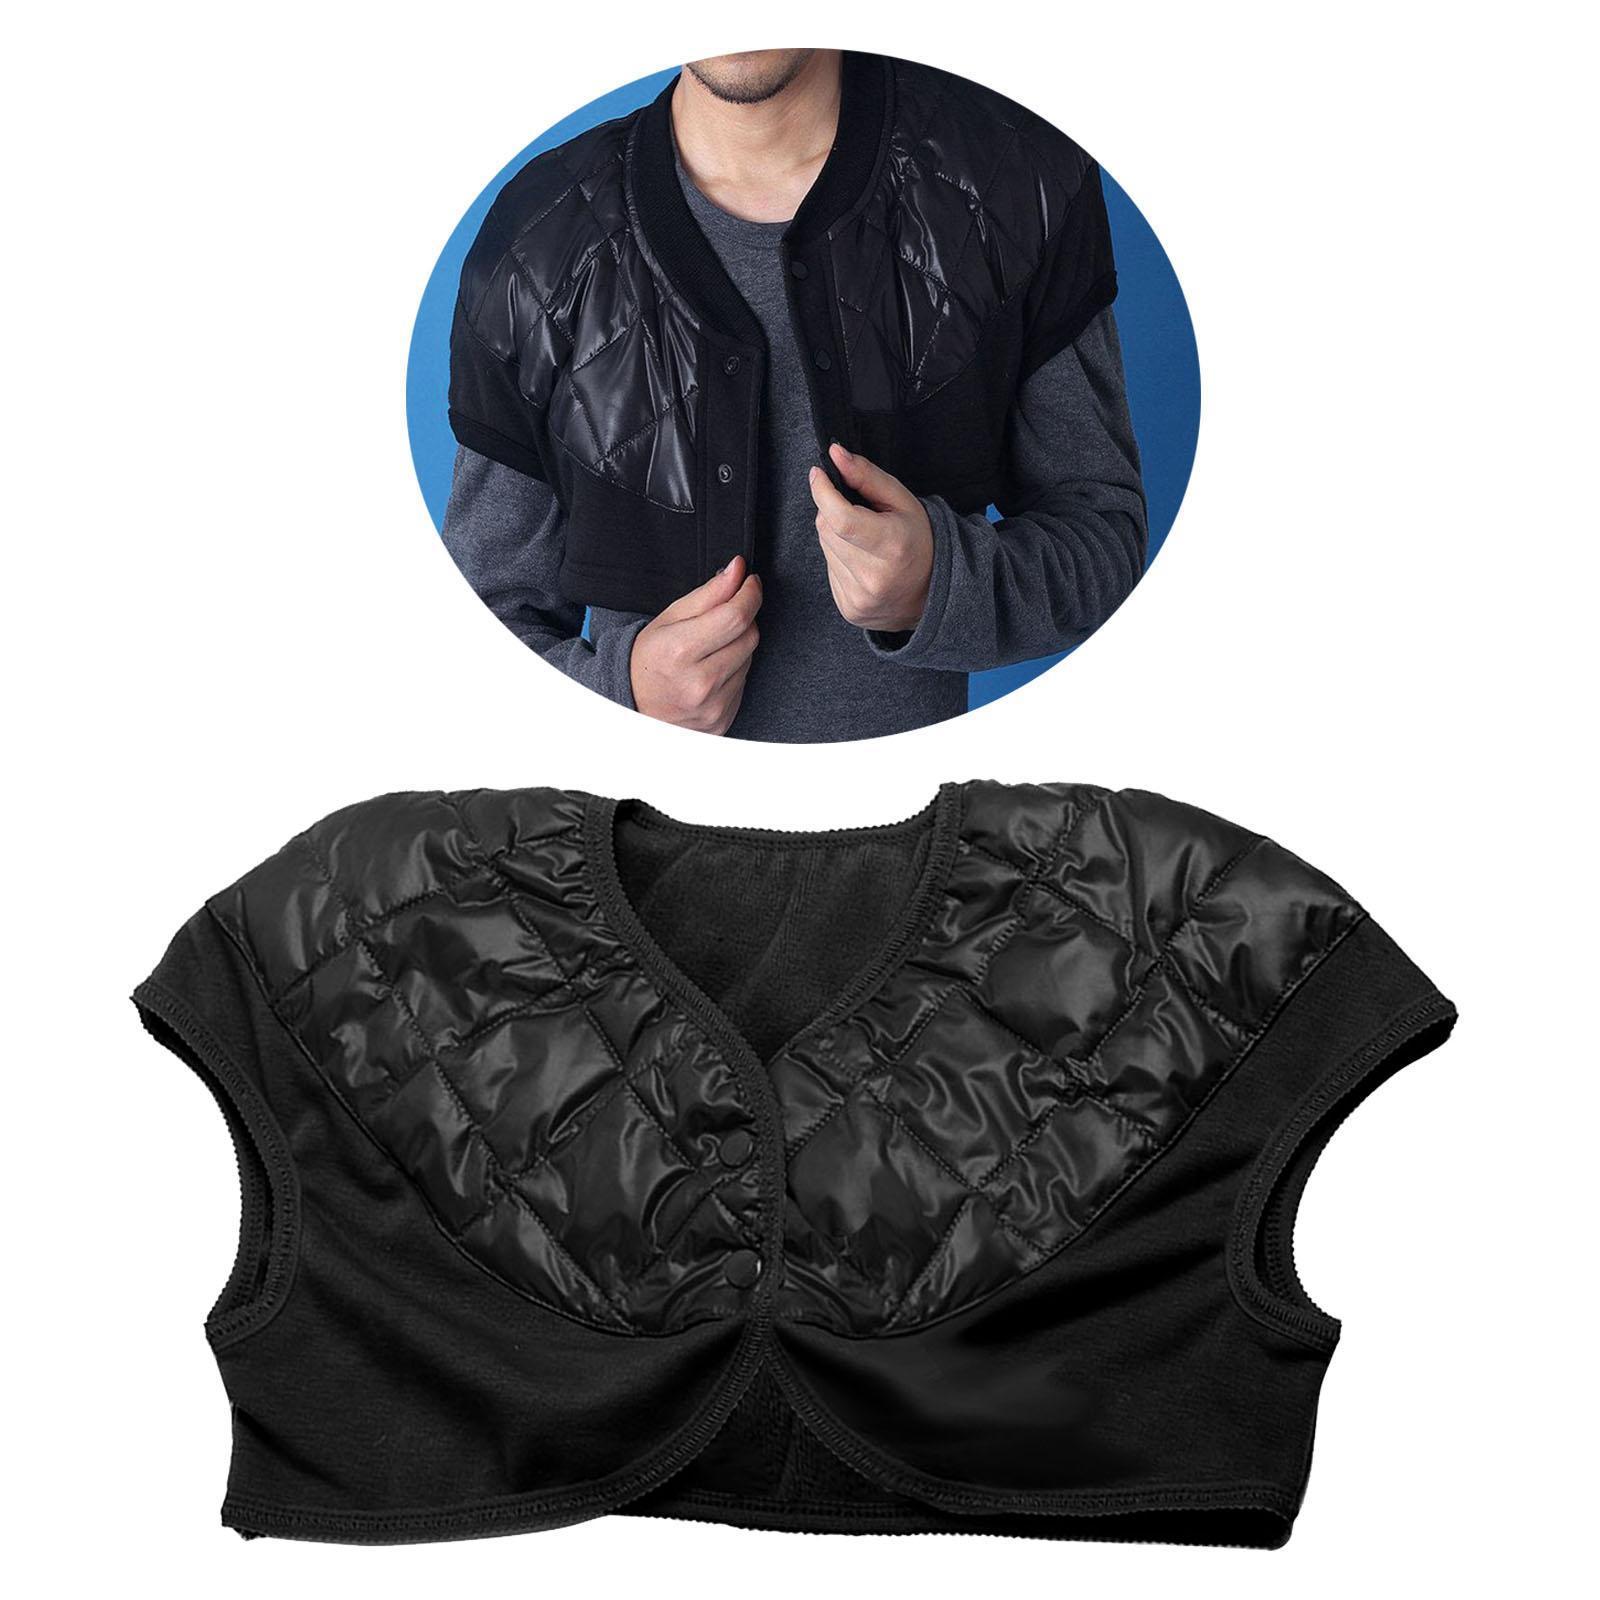 Femmes-Hommes-Down-Jacket-Chaud-Manteau-Court-Epaule-Chaud-Thermique-Wrap miniatura 43